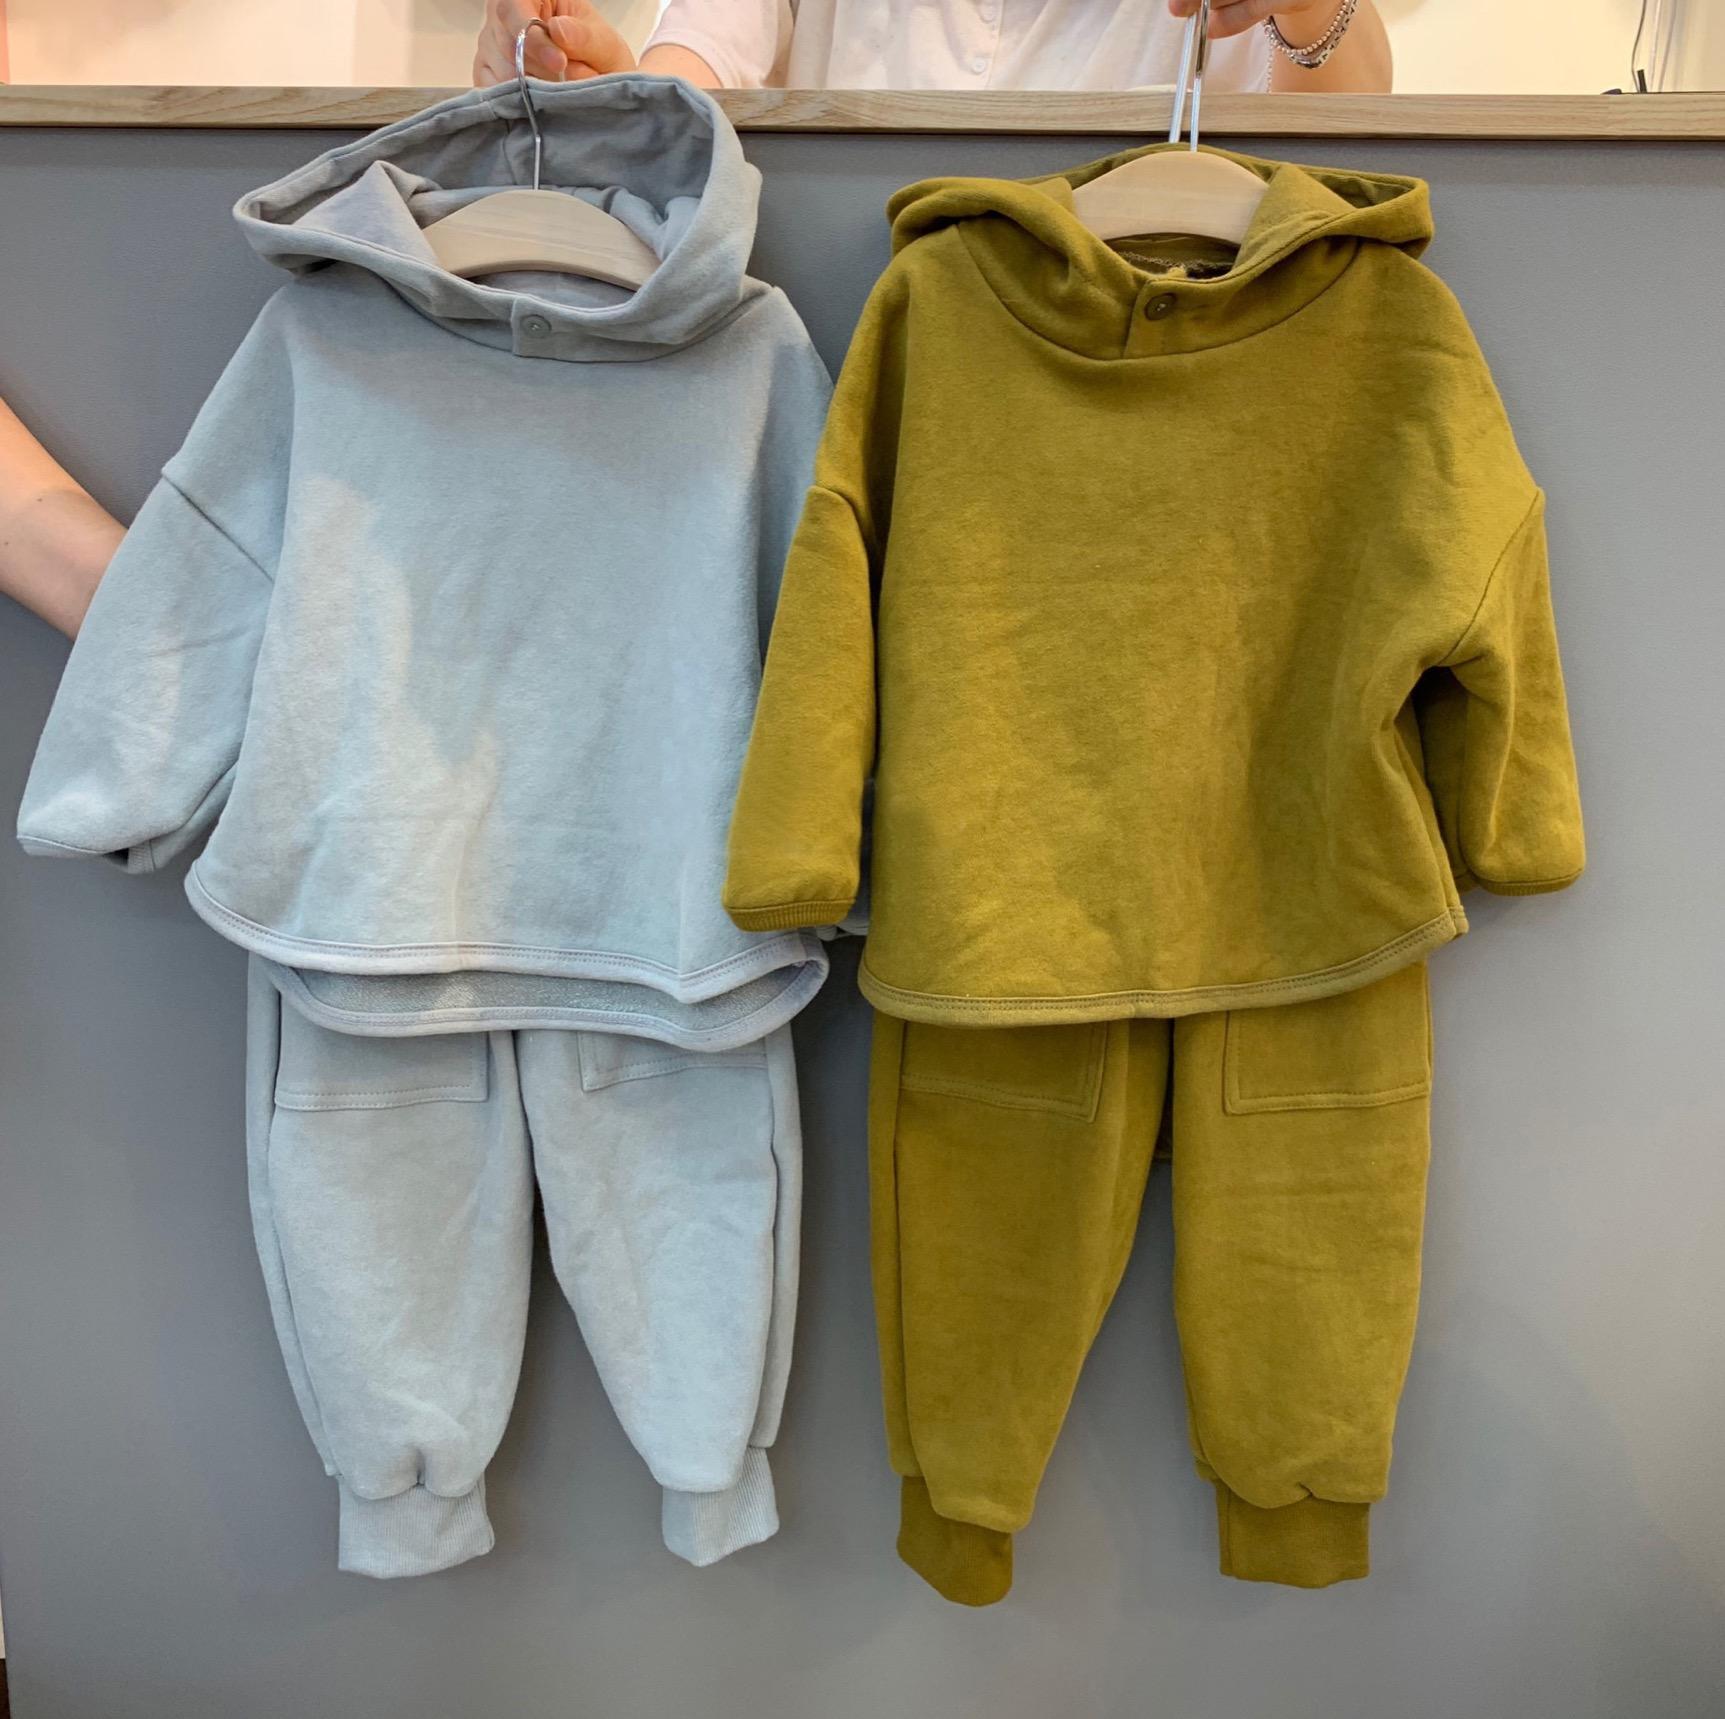 DHL JK GRATUIT de style coréen de style coréen de petites filles tenues ensembles de coton pur coton élégant style sweats à capuche + pantalon à 2 pièces costumes enfants vêtements